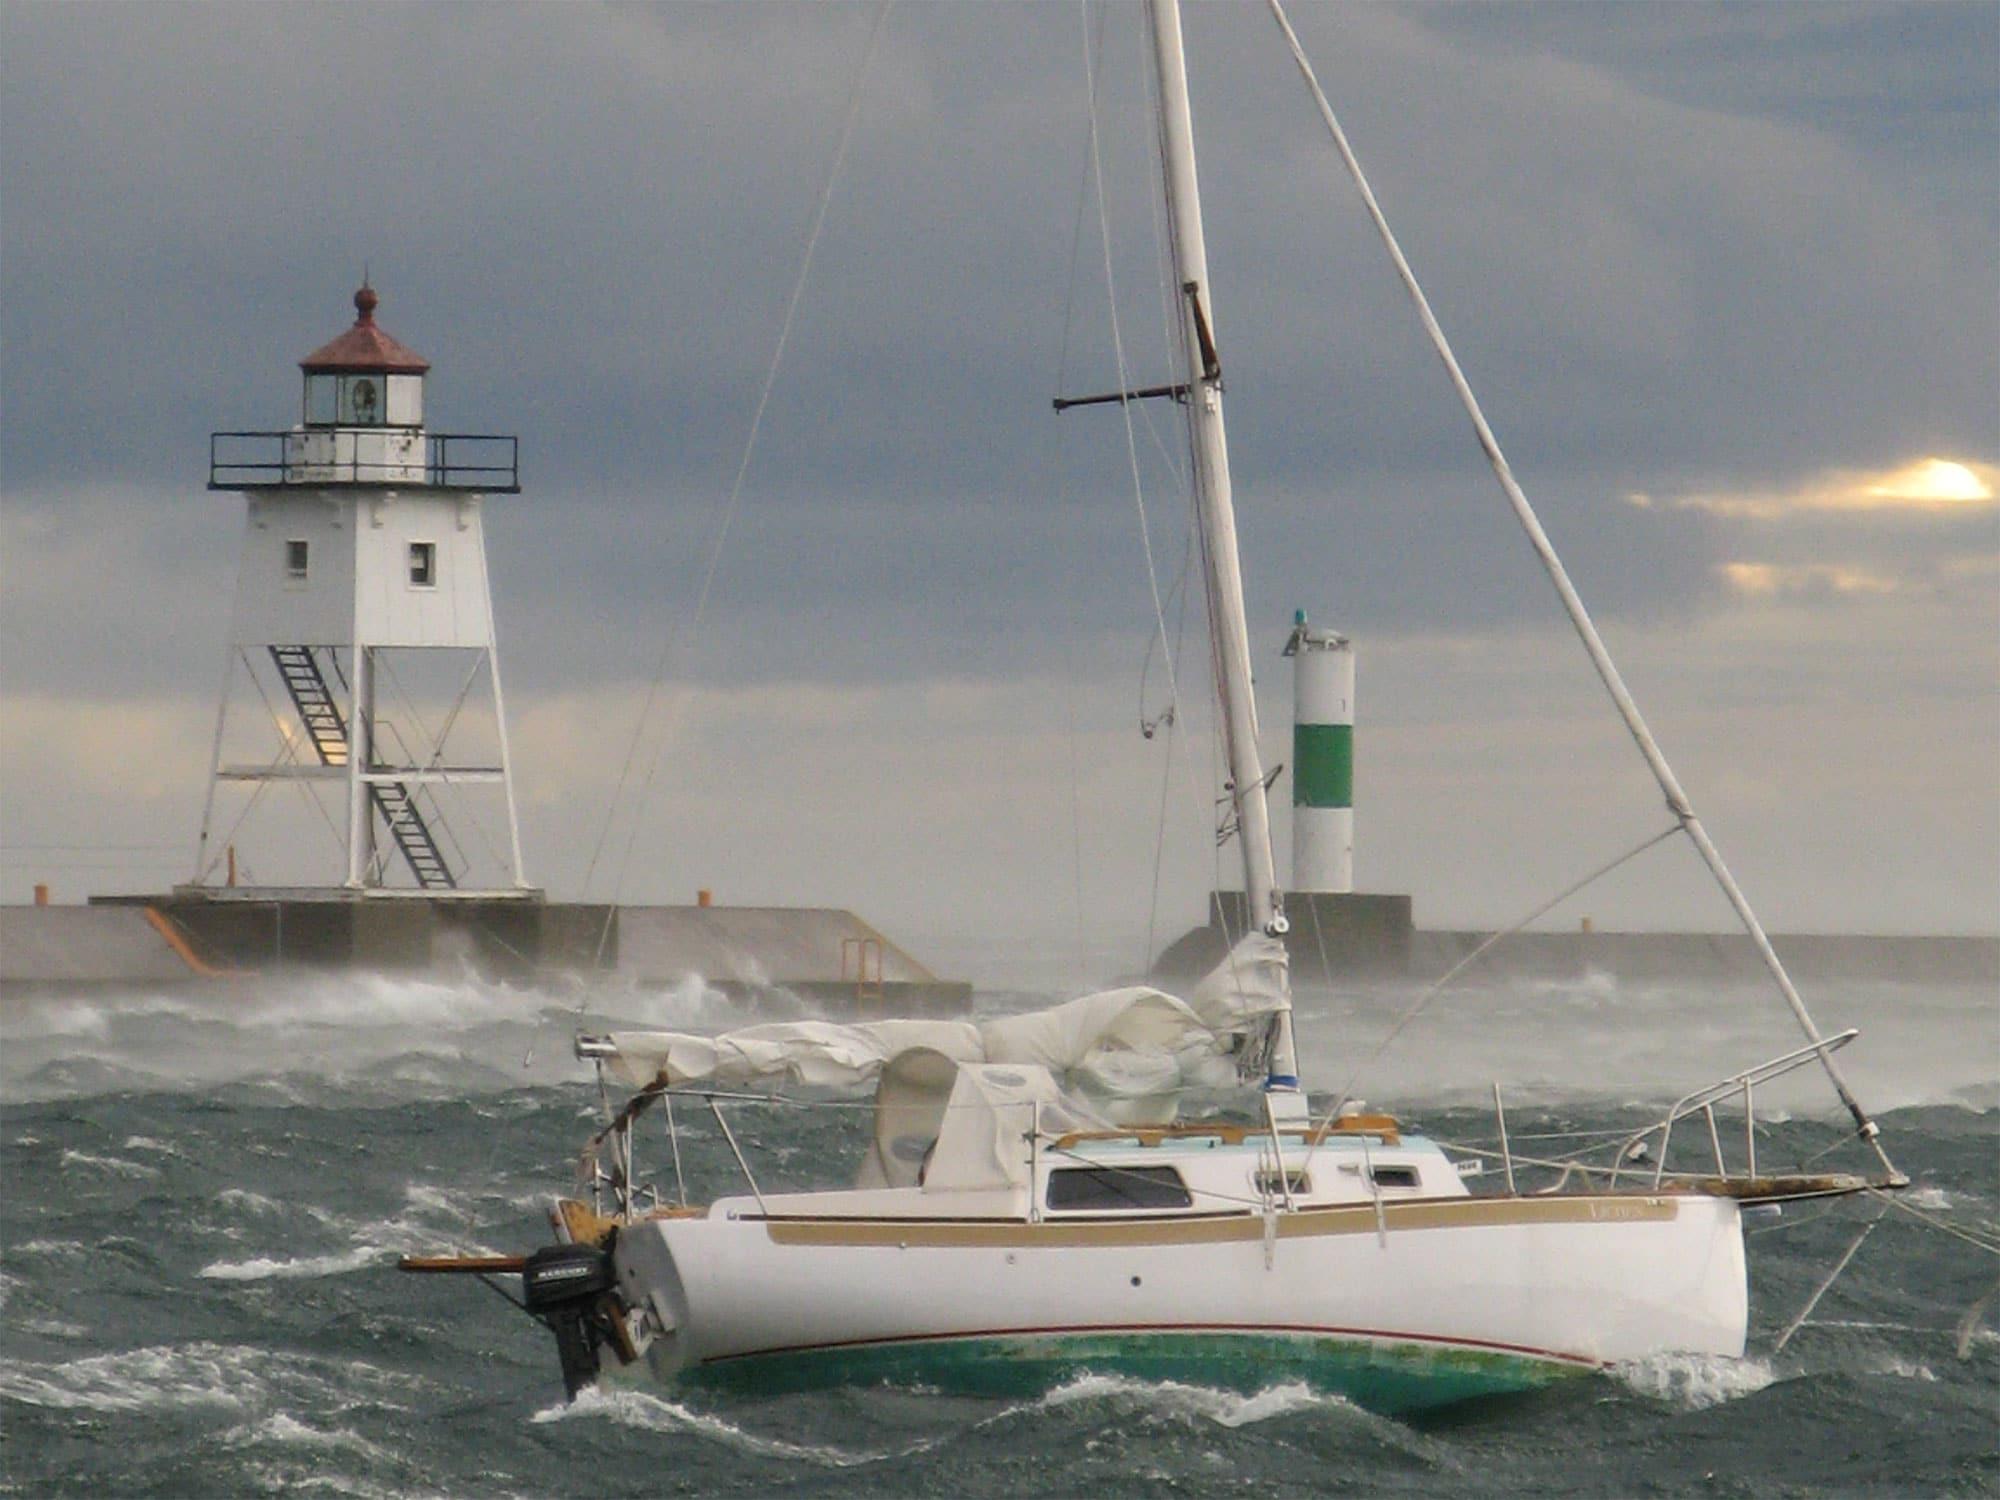 sailboat waves